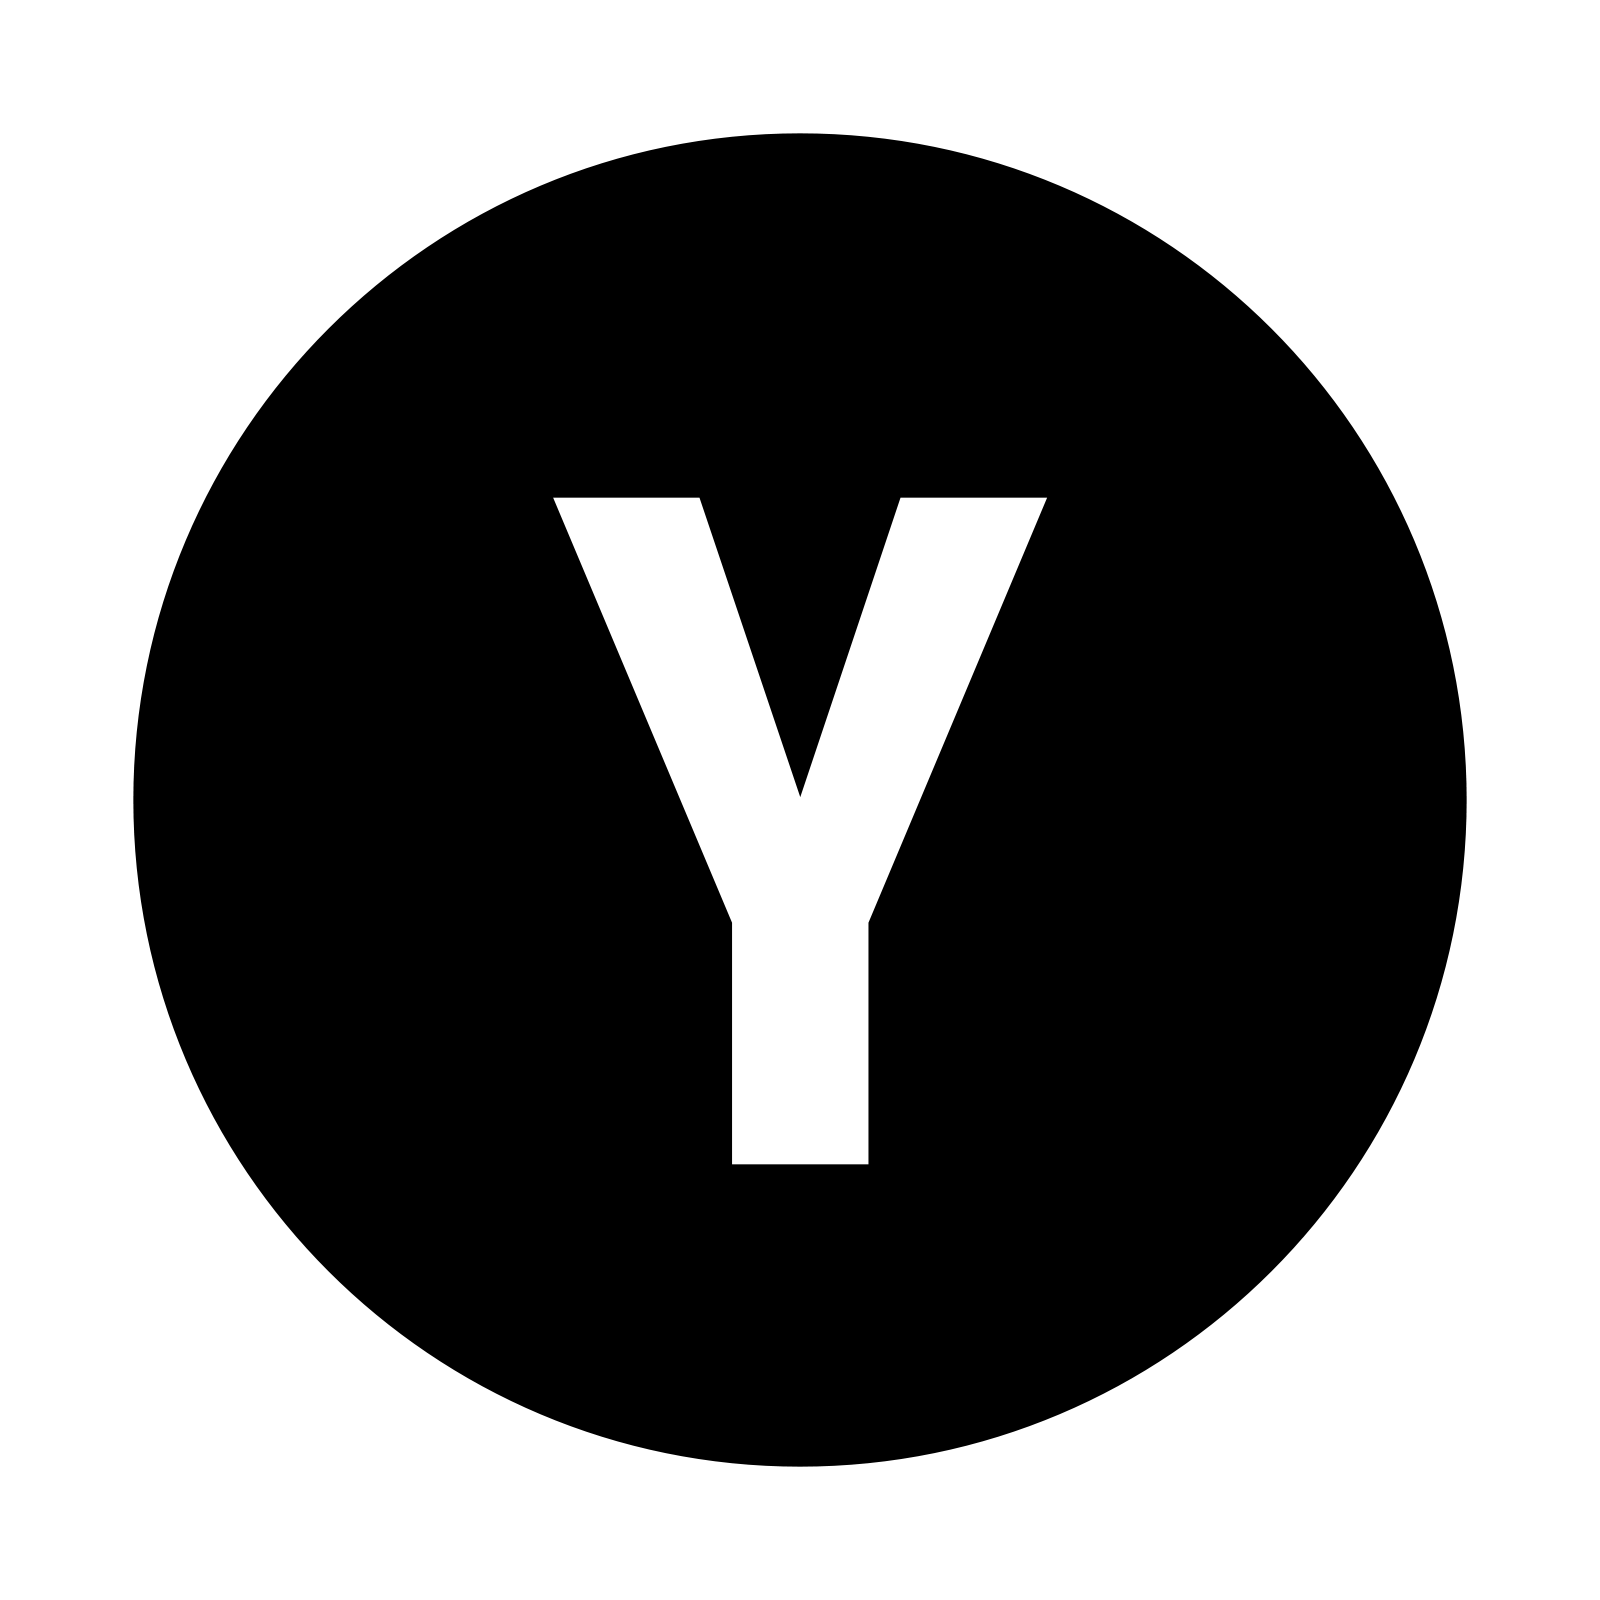 Yuri Yabi